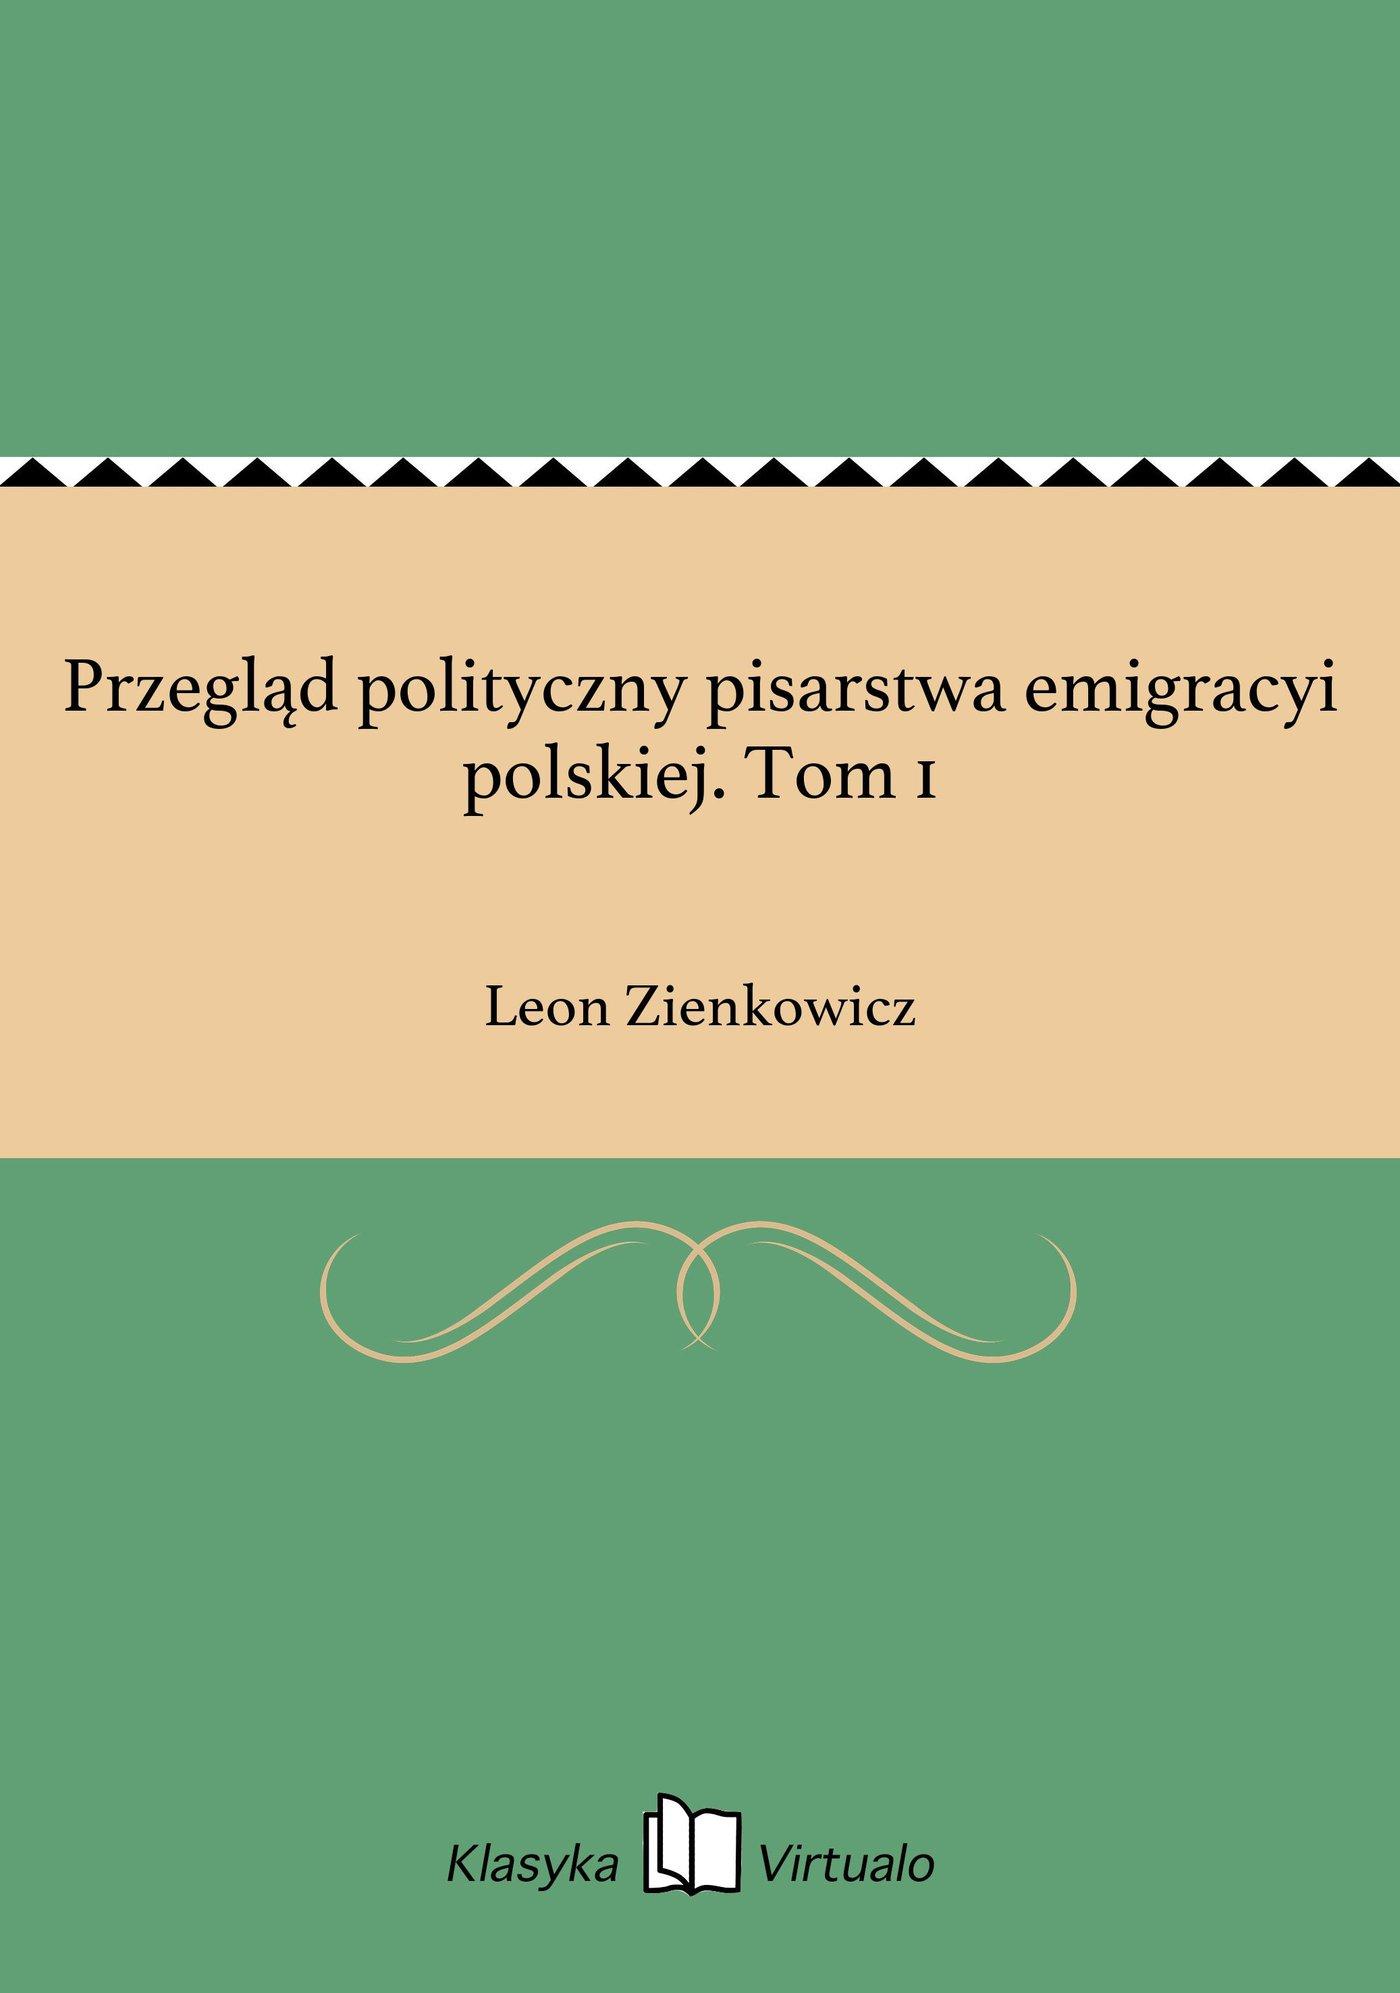 Przegląd polityczny pisarstwa emigracyi polskiej. Tom 1 - Ebook (Książka EPUB) do pobrania w formacie EPUB